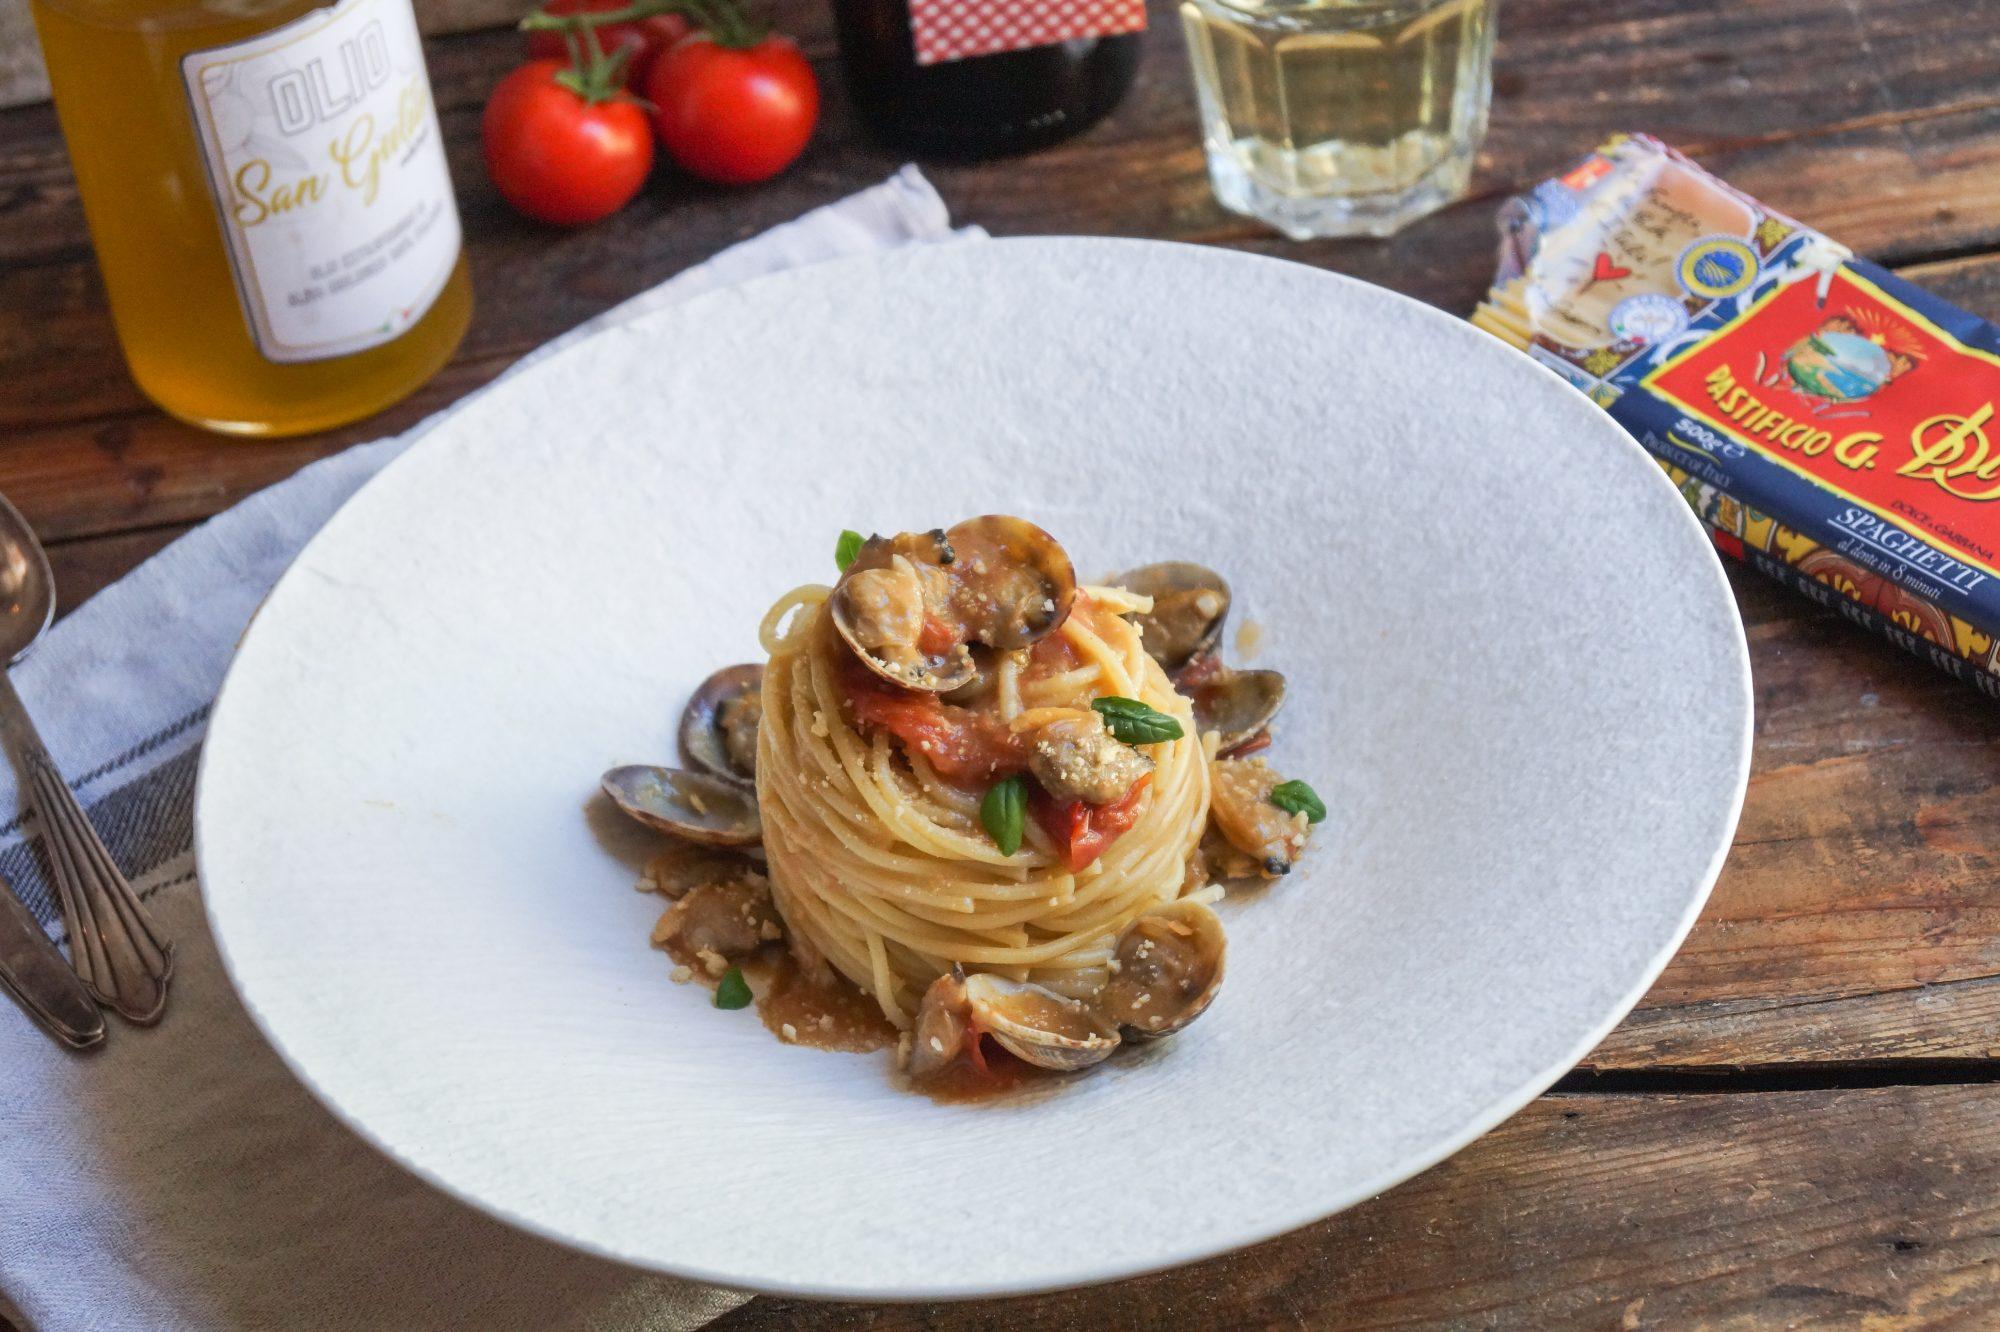 Spaghetti Vongole al sugo di taralli